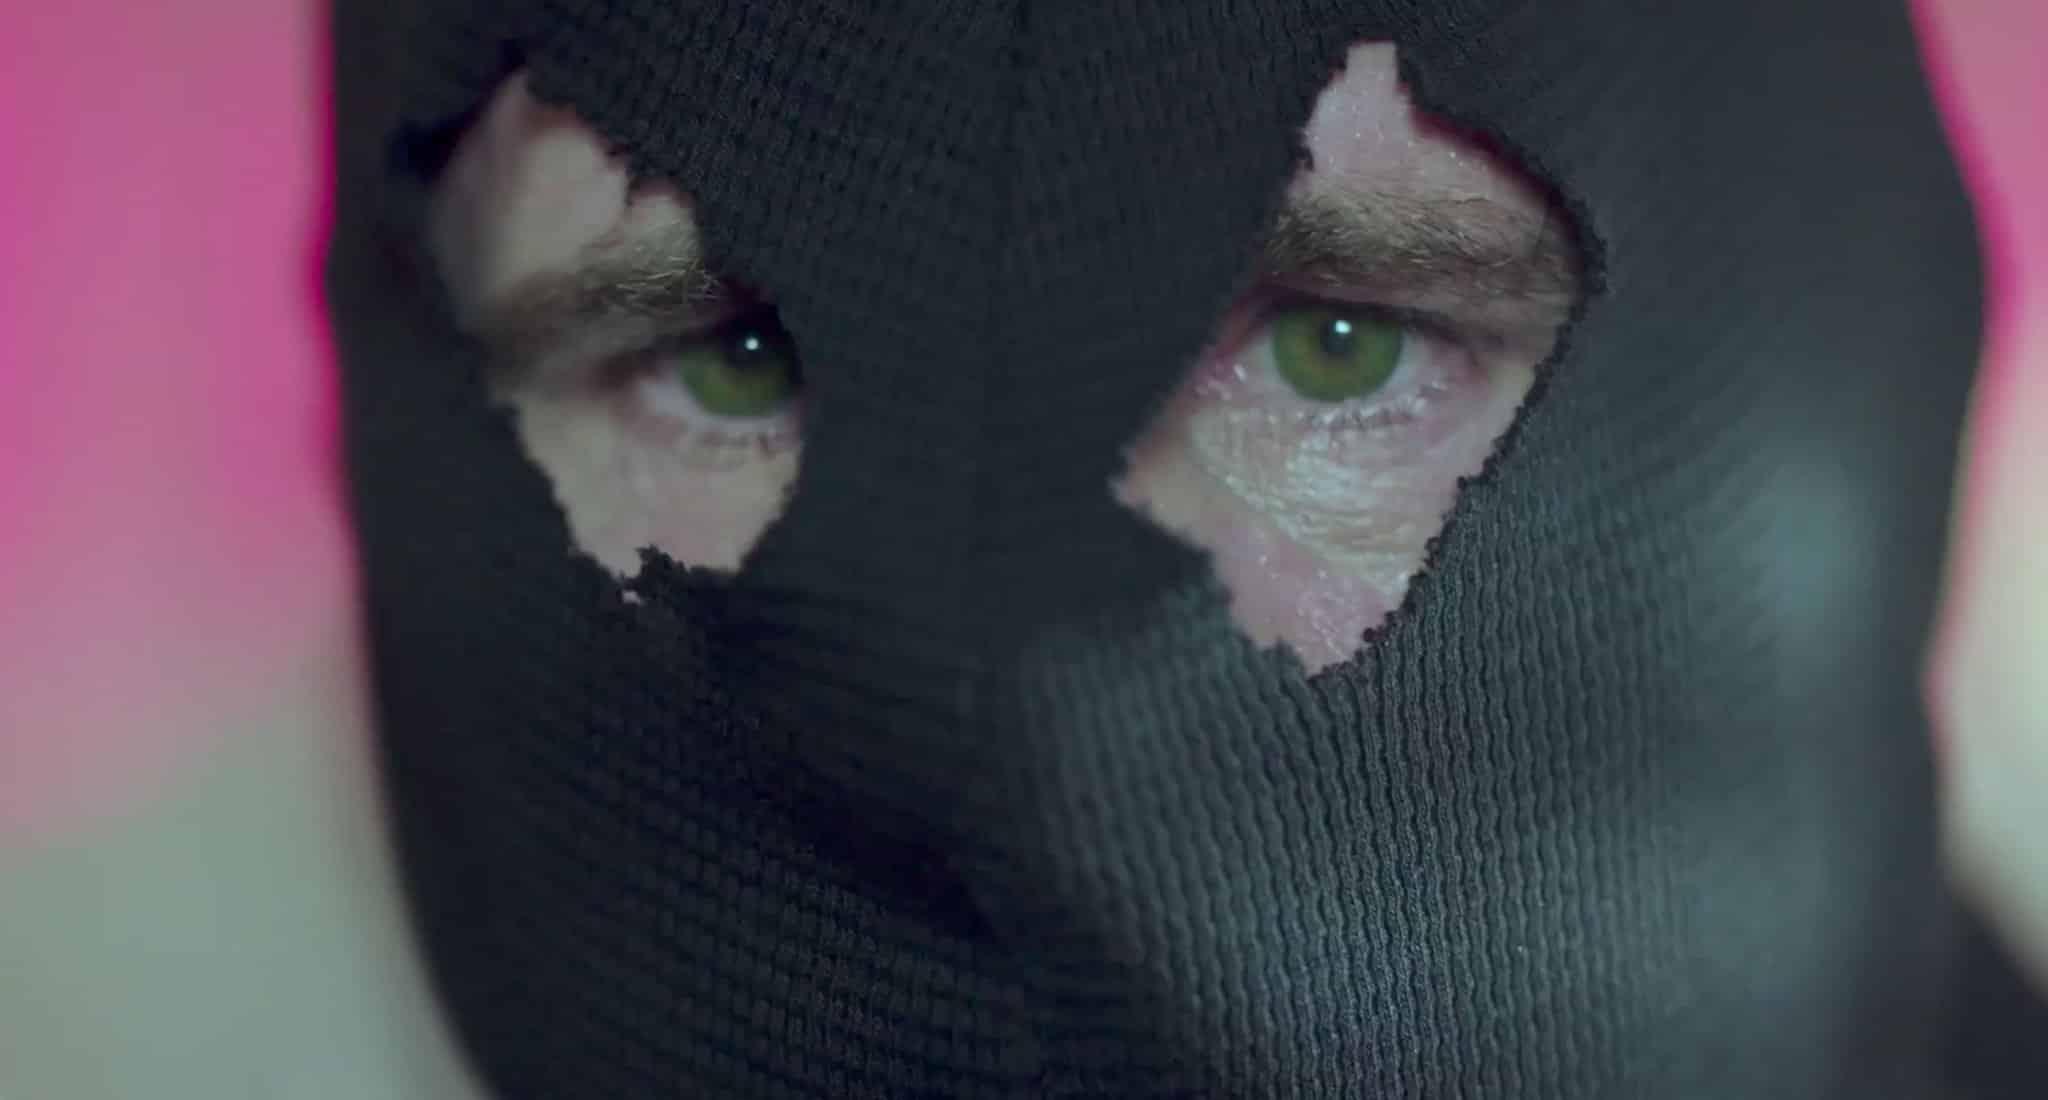 Myslíte, že The Black Hood naozaj skončil?, Zdroj: popsugar.com